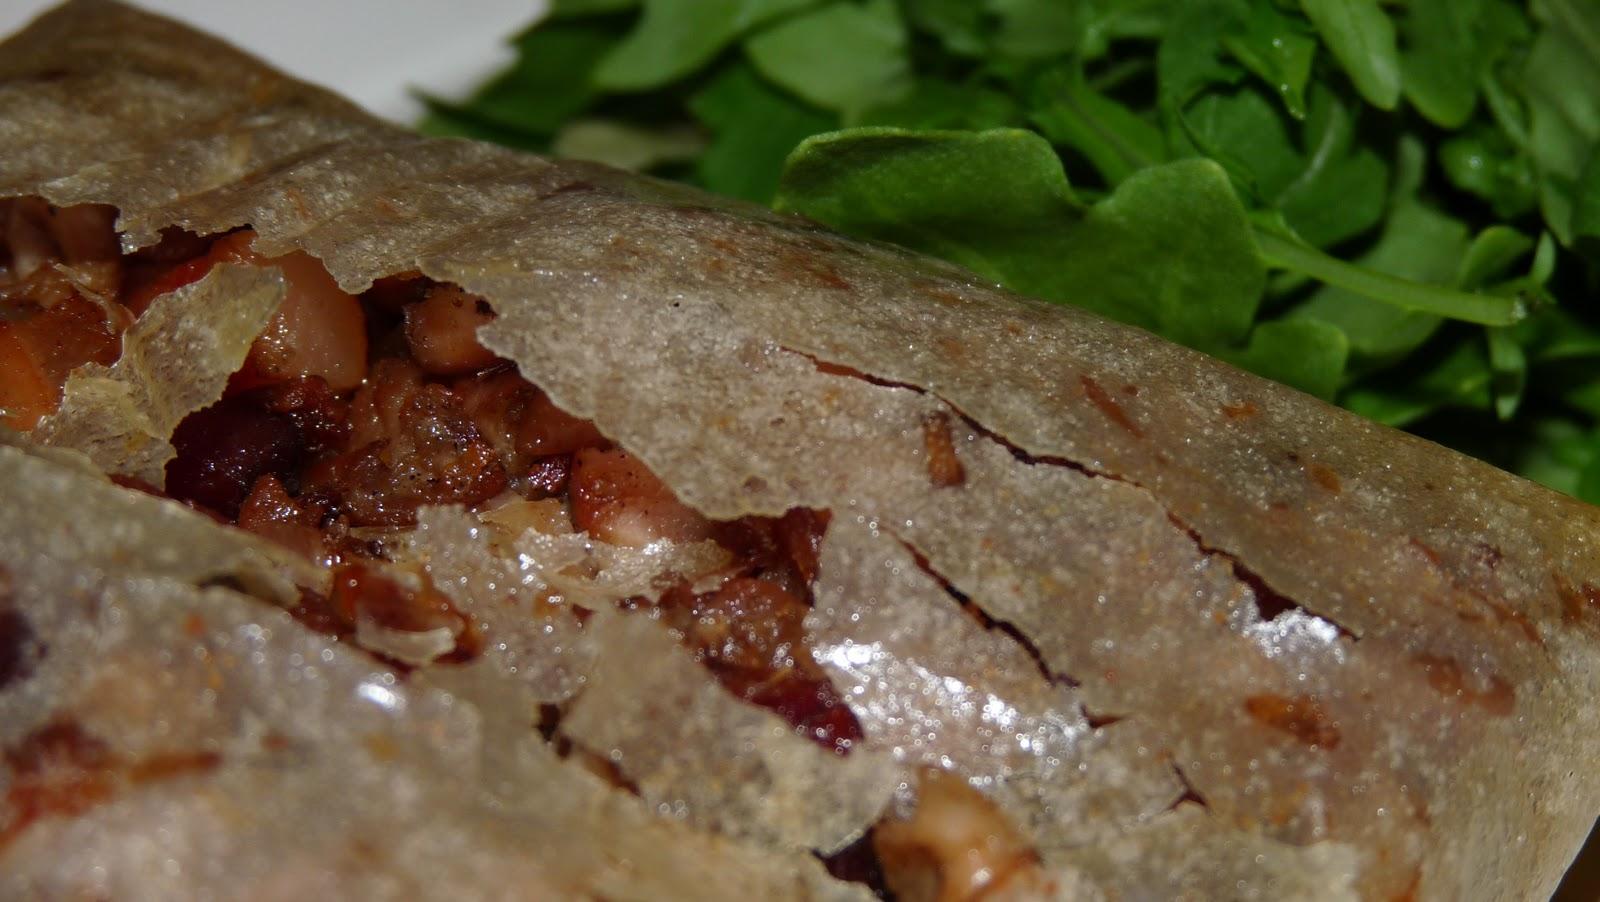 Gourmandise et cuisine andouillette croustillante - Cuisine et gourmandise ...